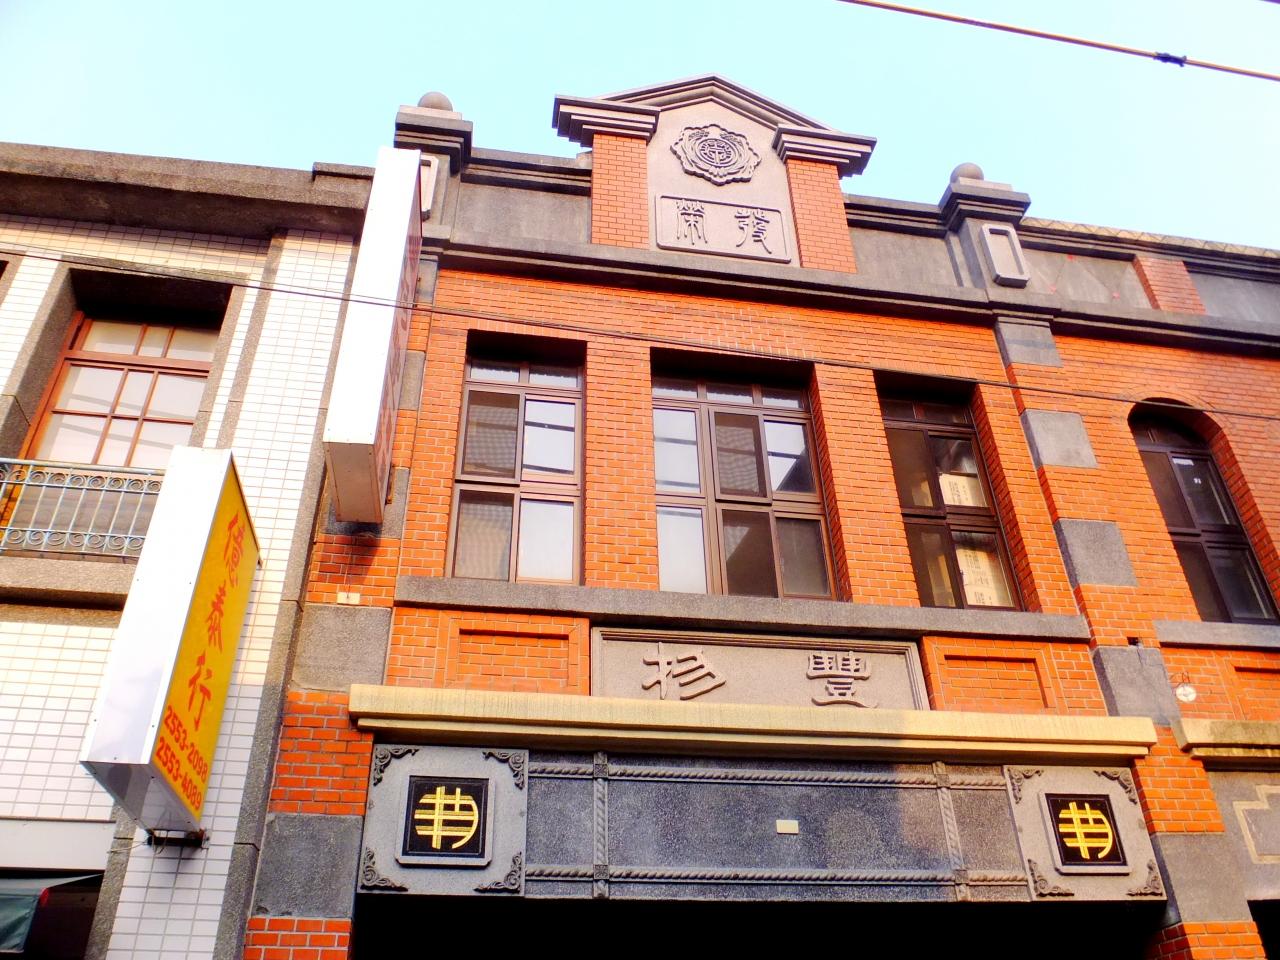 迪化街 クチコミ一覧(2ページ)【フォートラベル】|Dihua Street|台北